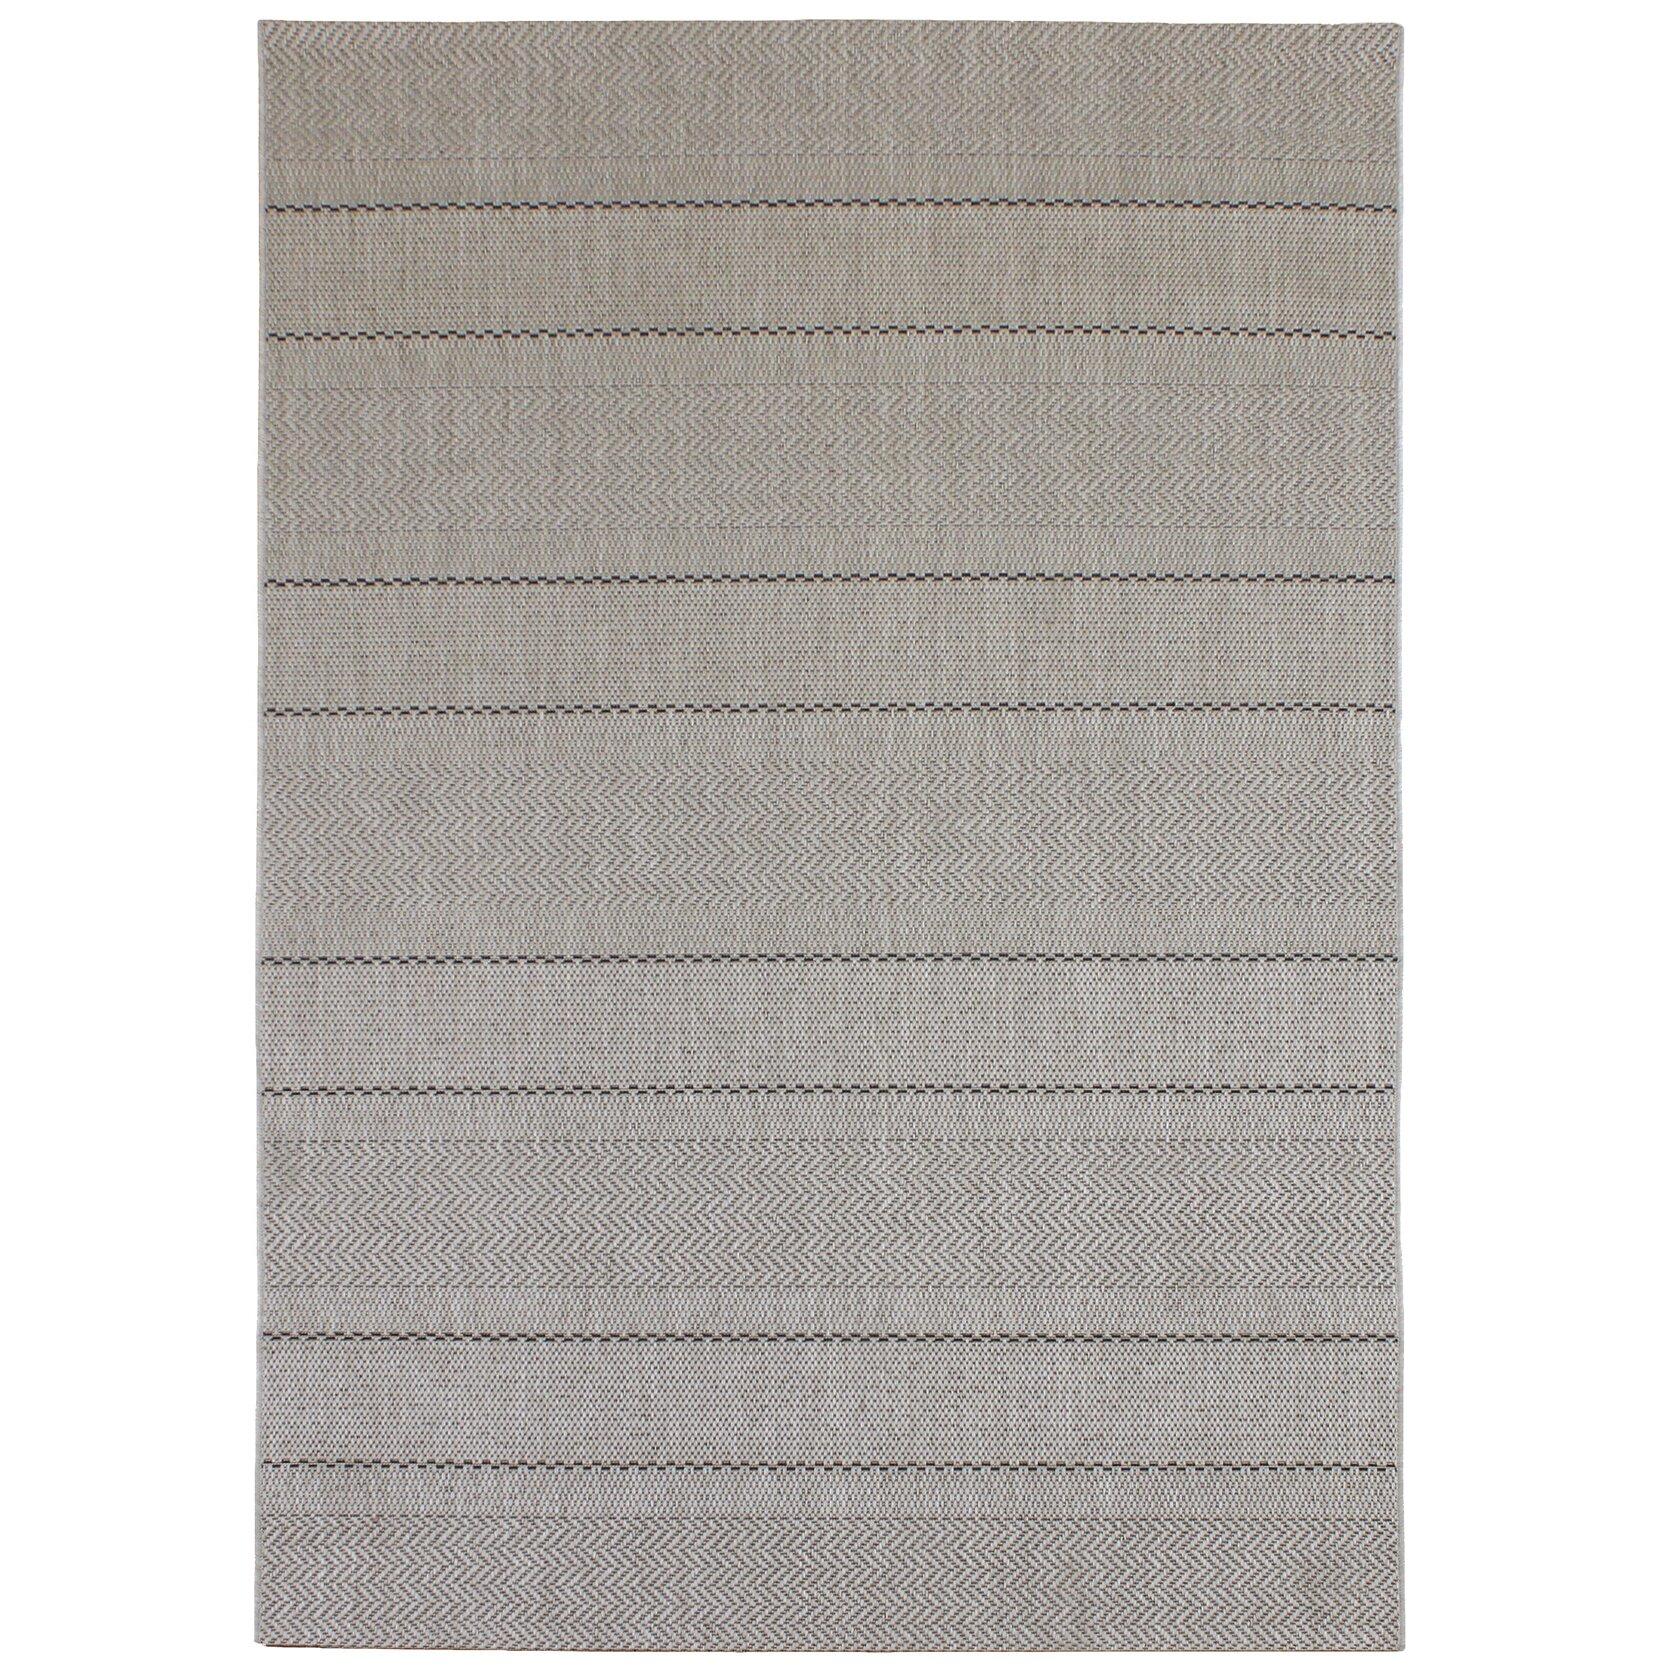 Asiatic carpets ltd patio grey indoor outdoor area rug for Indoor outdoor rugs uk